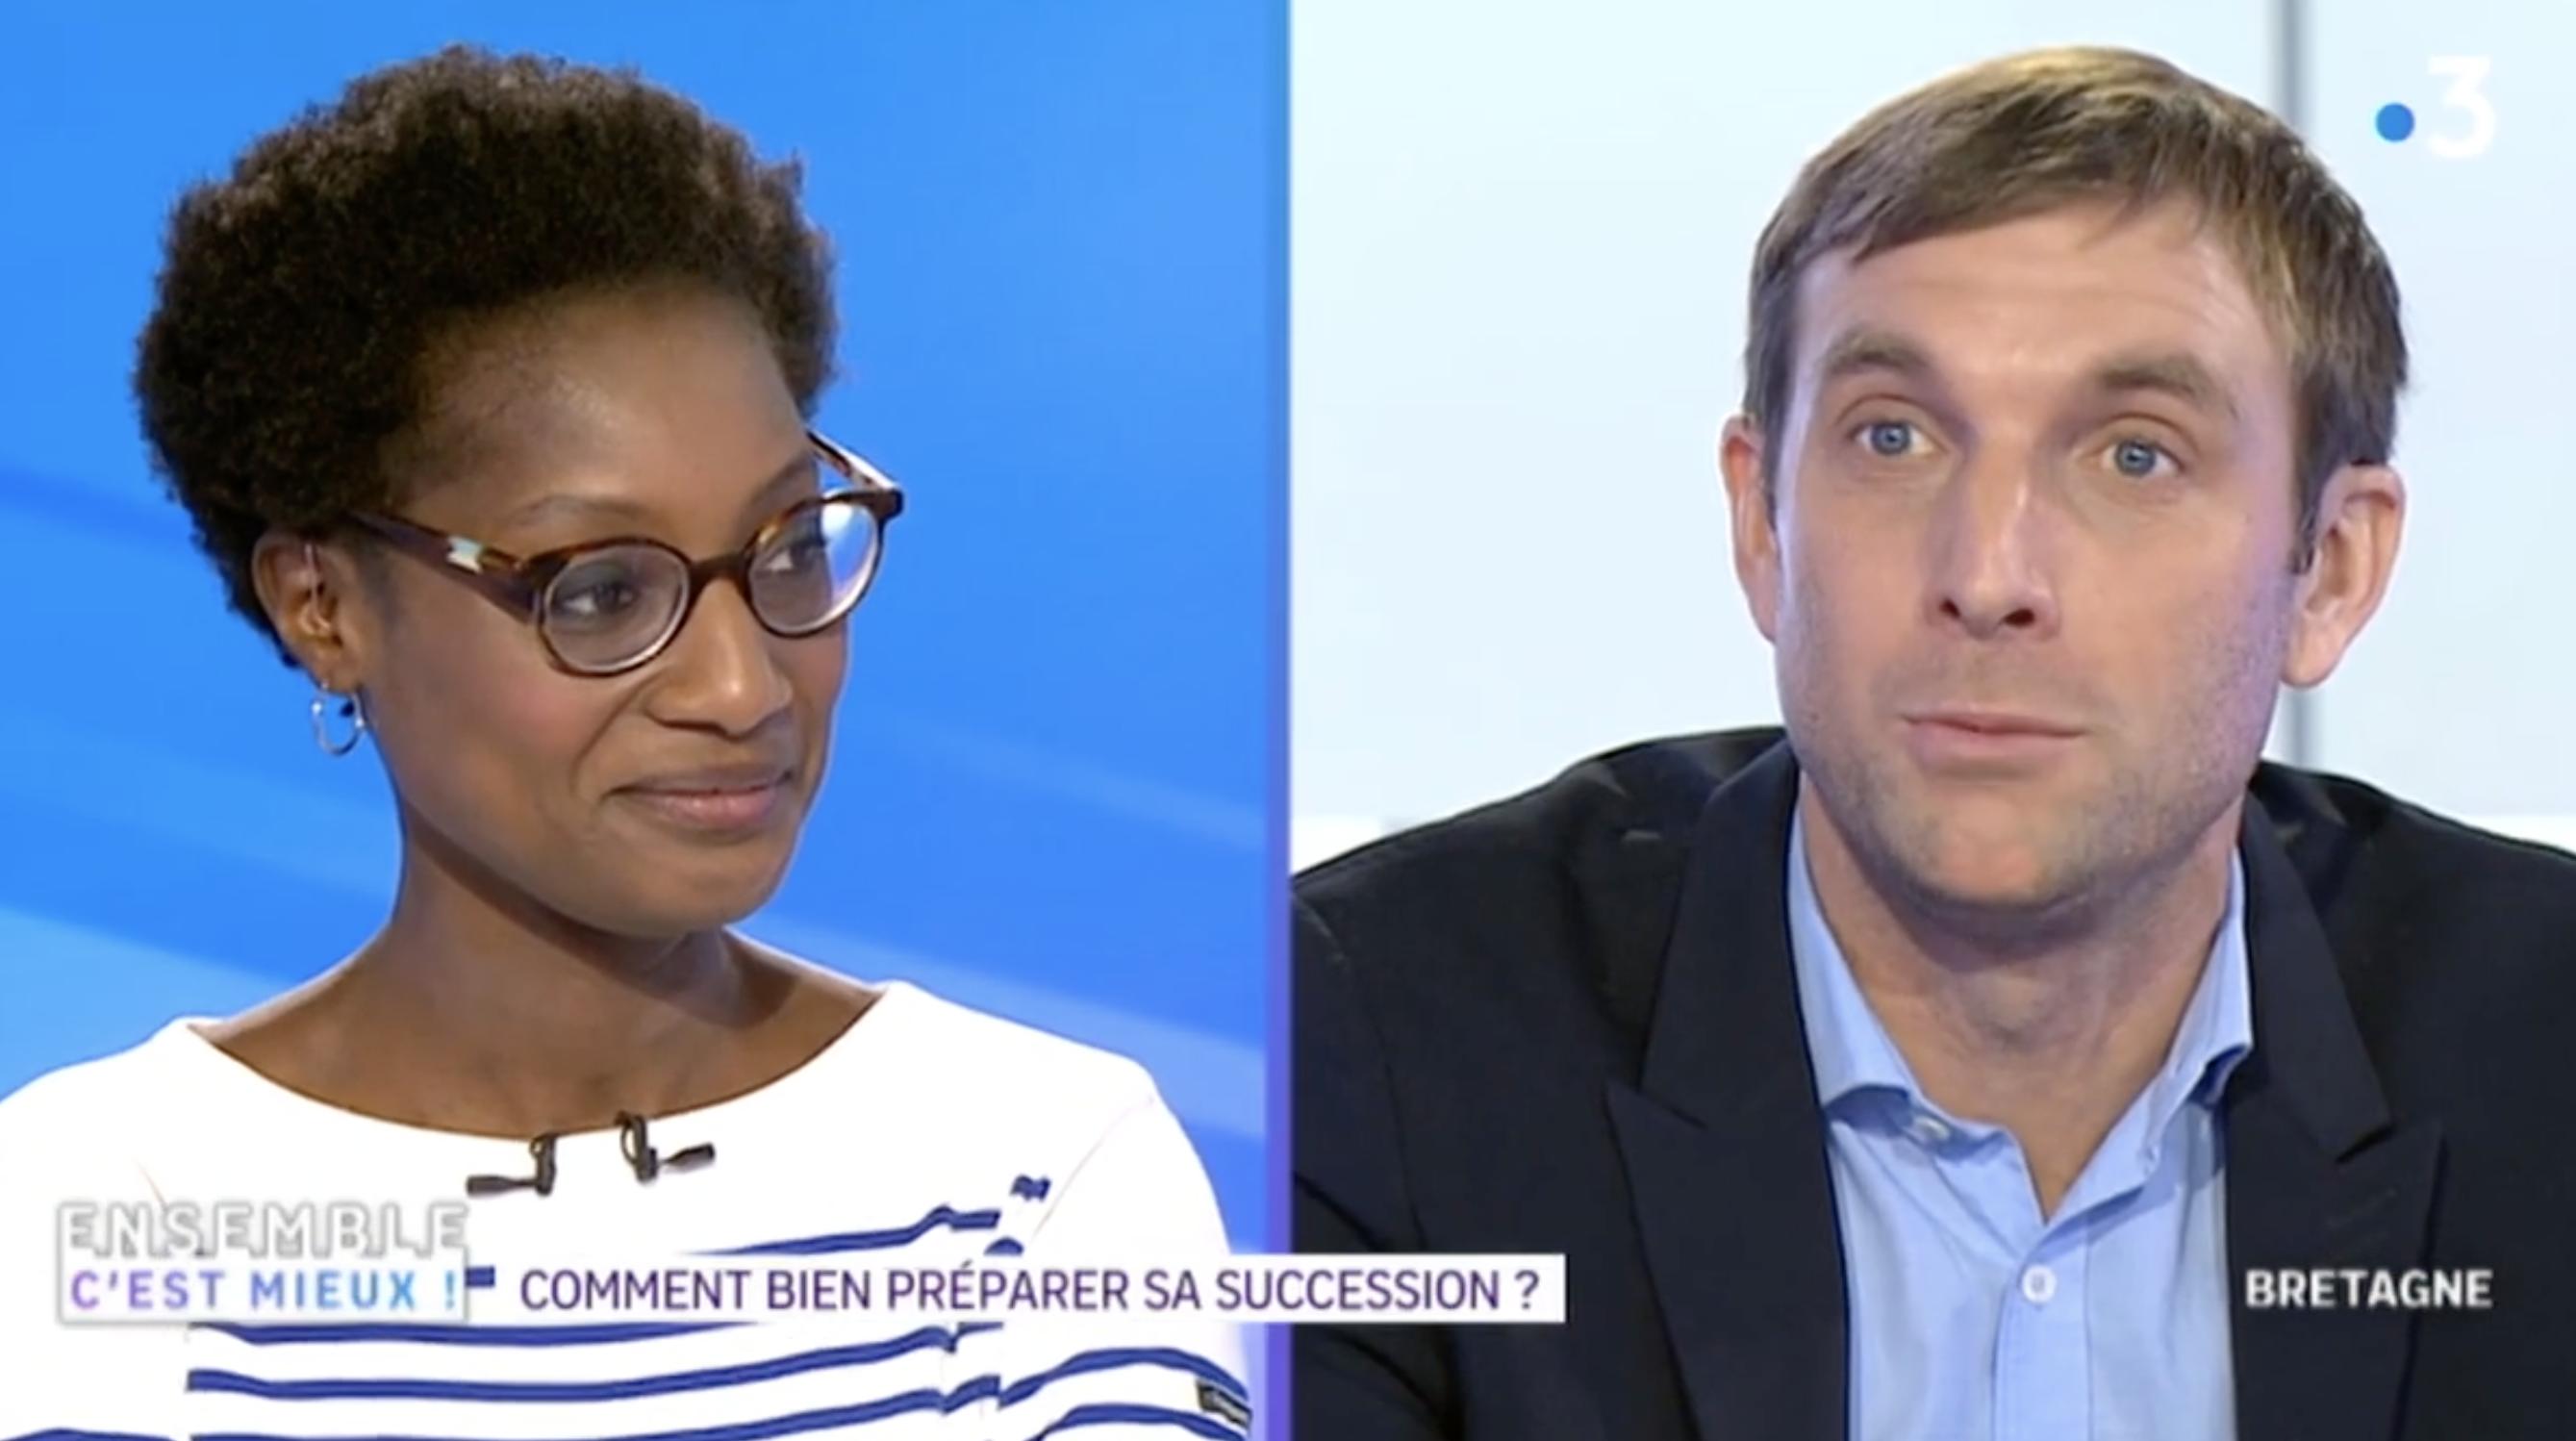 Comment bien préparer sa succession - France 3